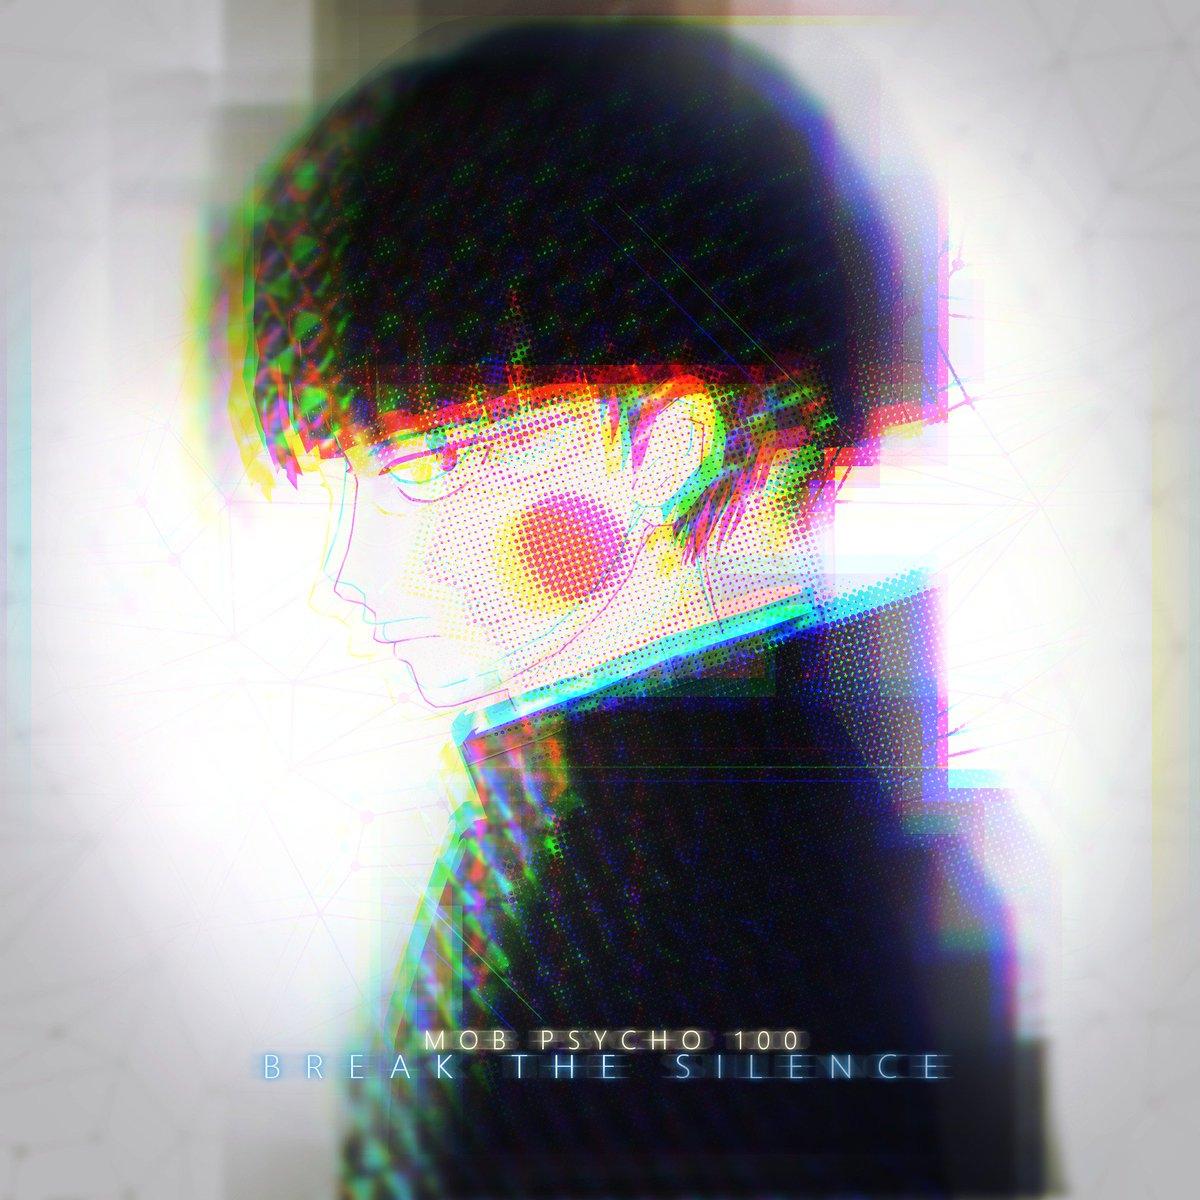 #モブサイコ100 #mobpsycho100 モデル:ぽん之助坂 様music:she-Break the silen